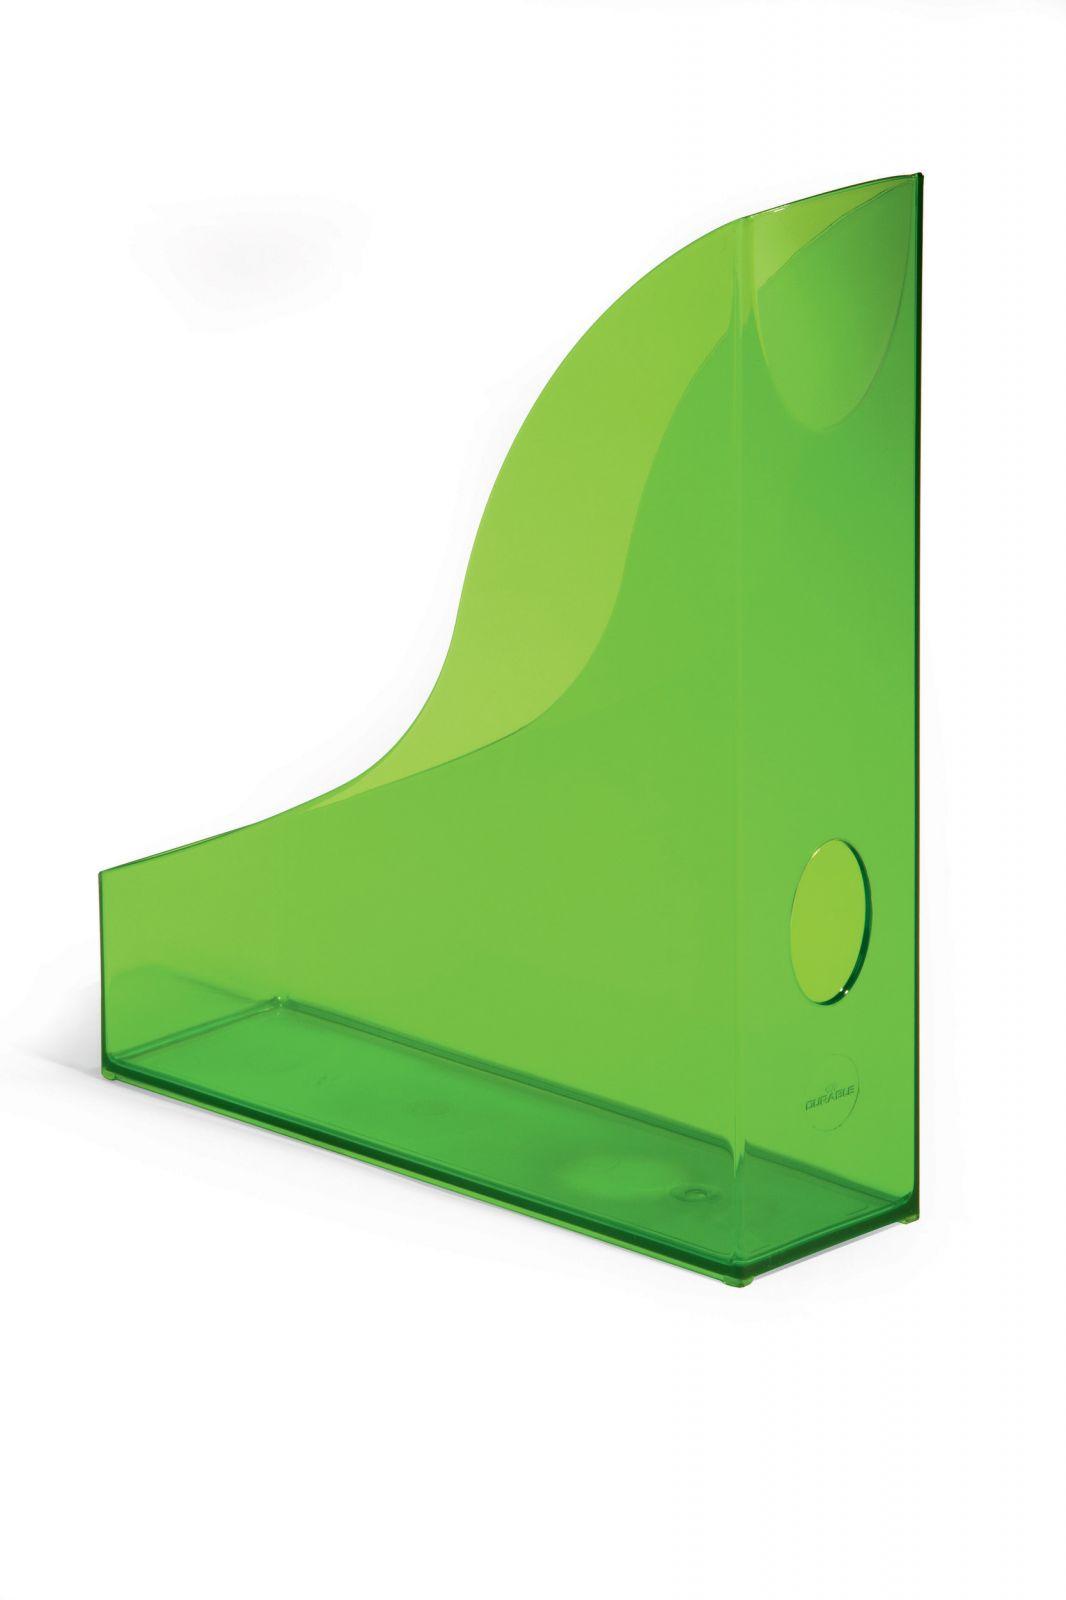 Úložné boxy - sada 6 kusů - Transp. Zelené